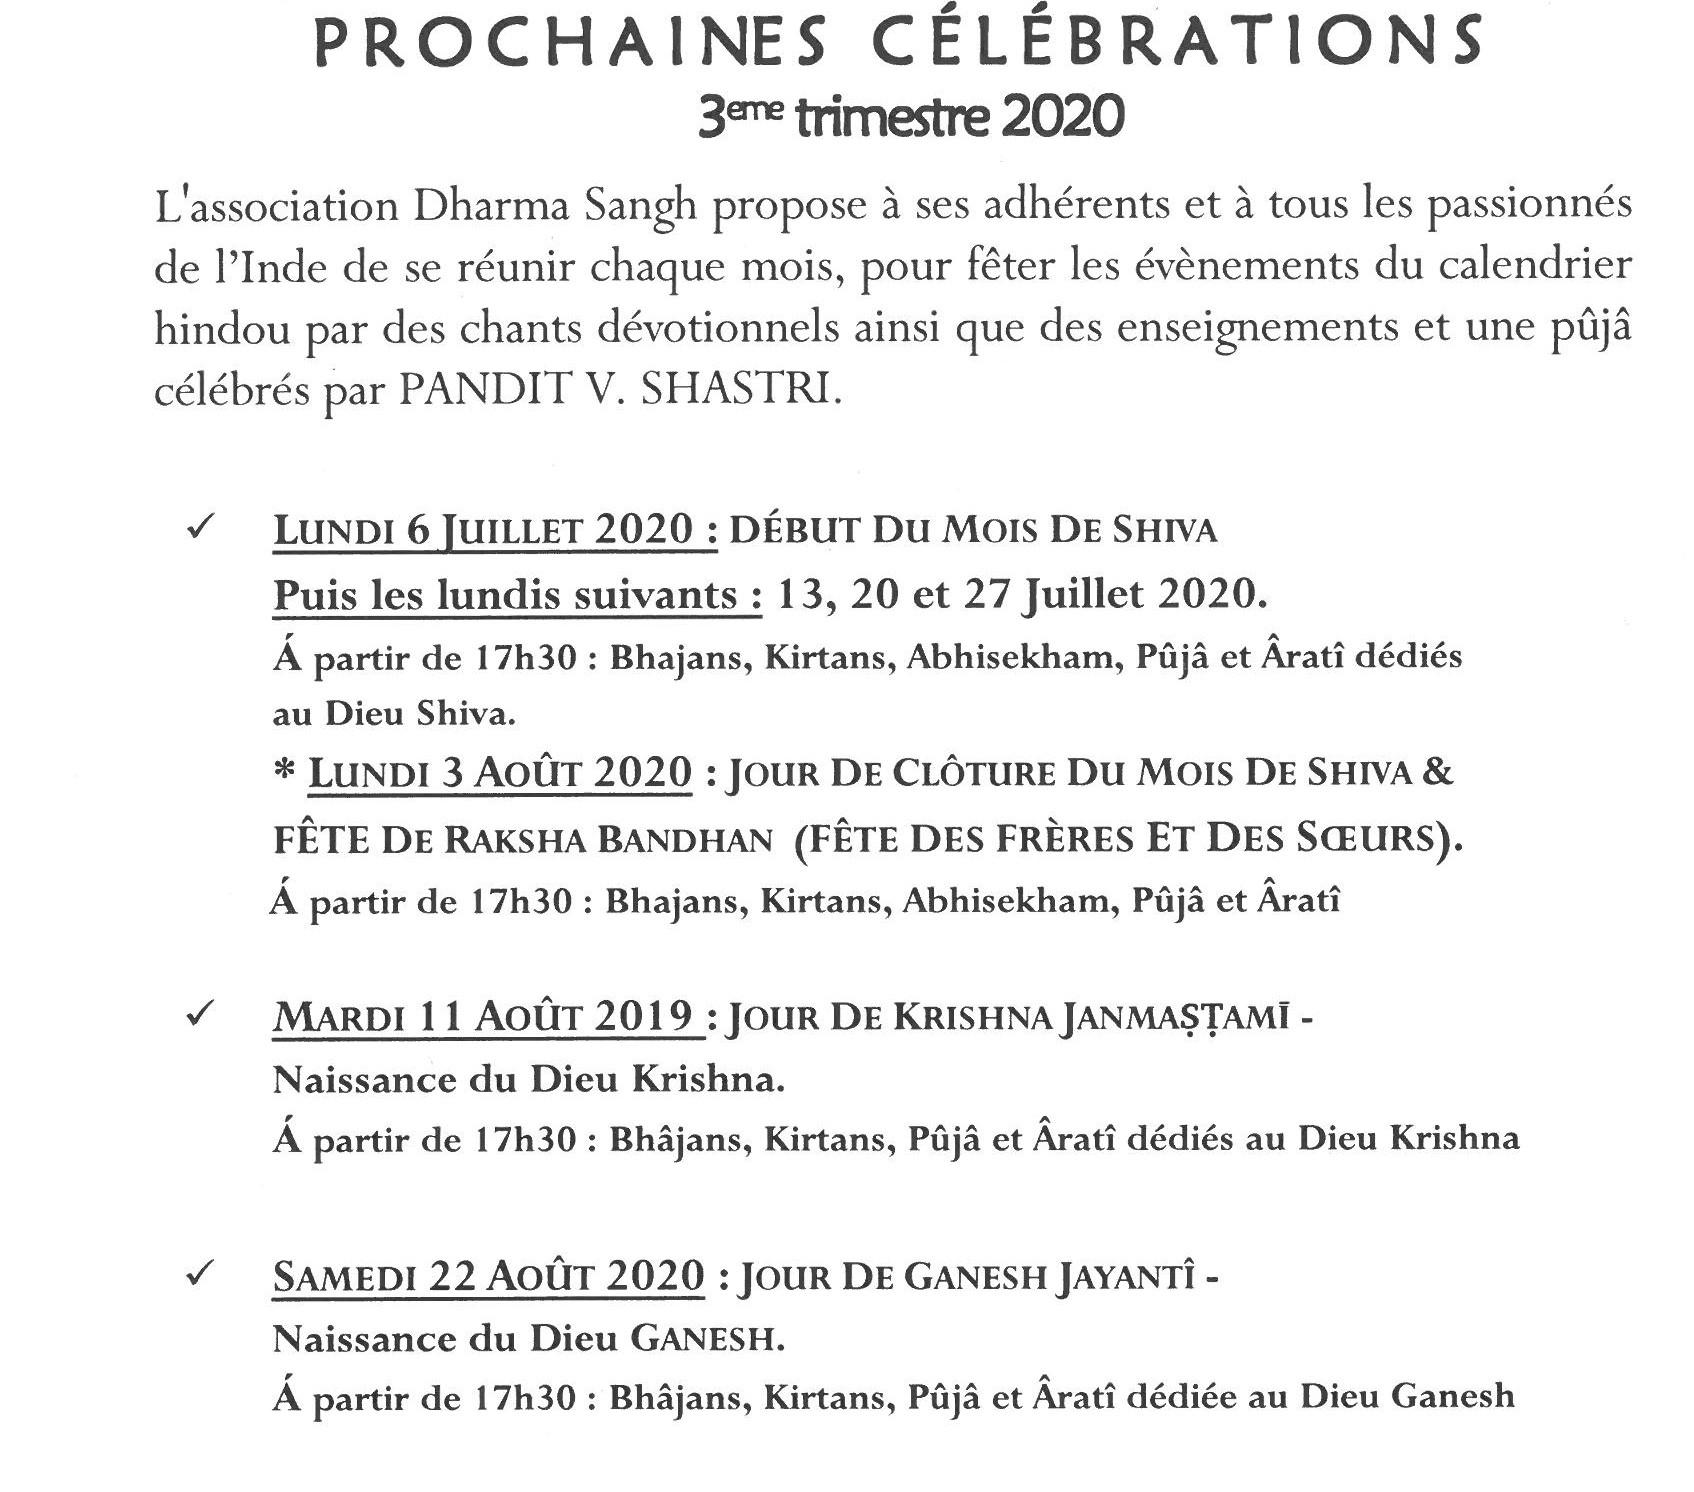 prochaines célébrations 3E TRIM 2020